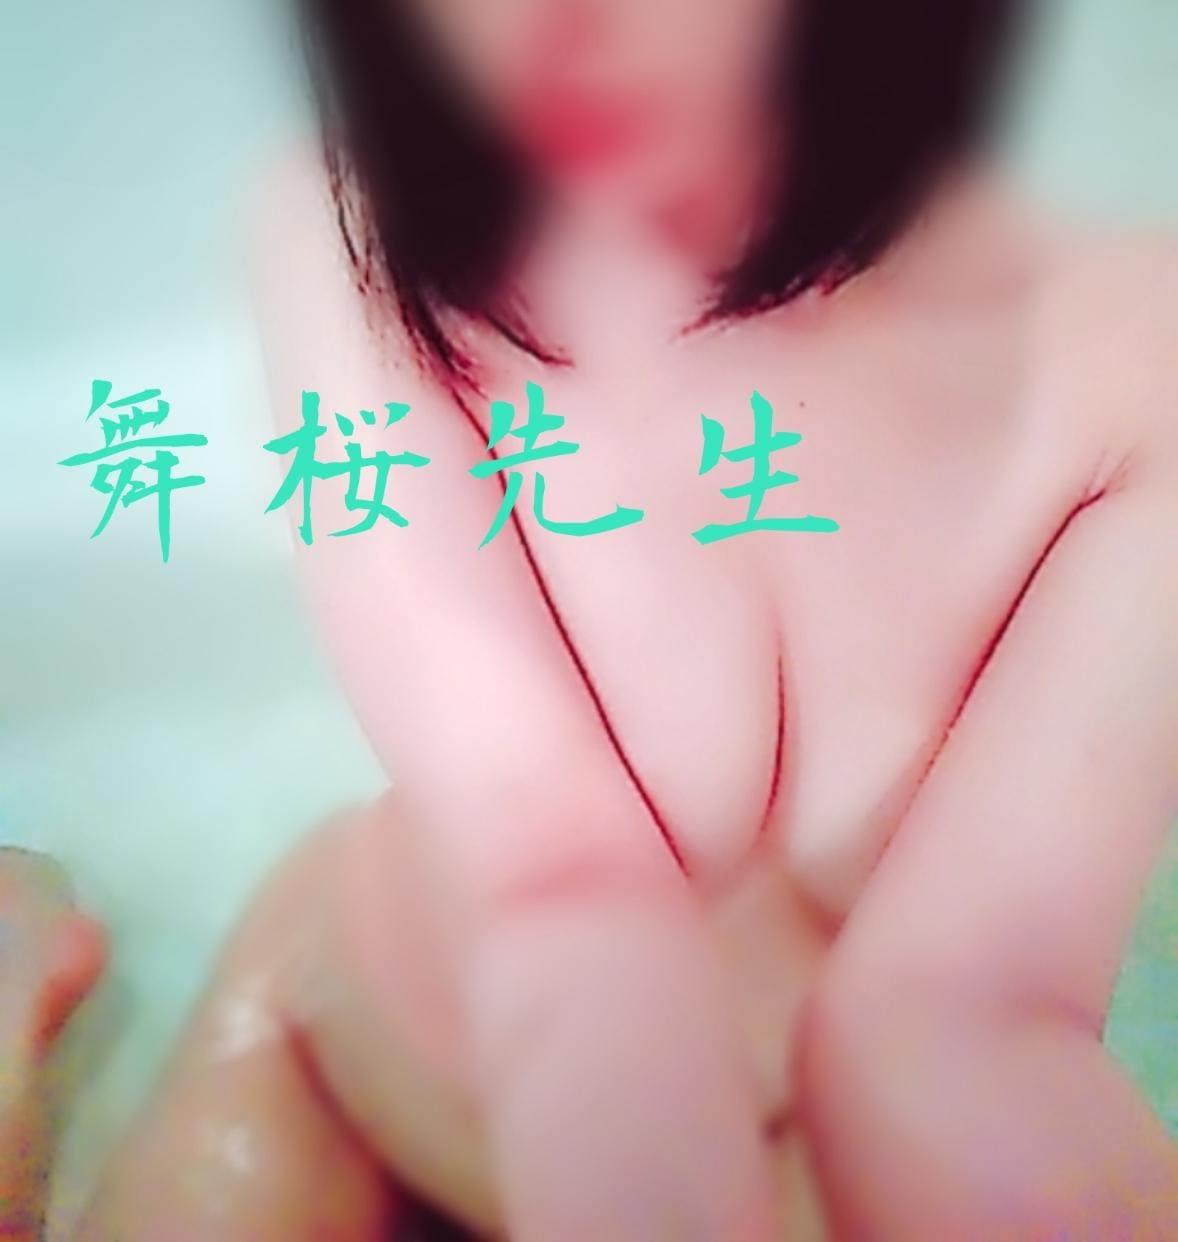 「エログッツ先生」10/16(10/16) 22:08   土屋 舞桜の写メ・風俗動画